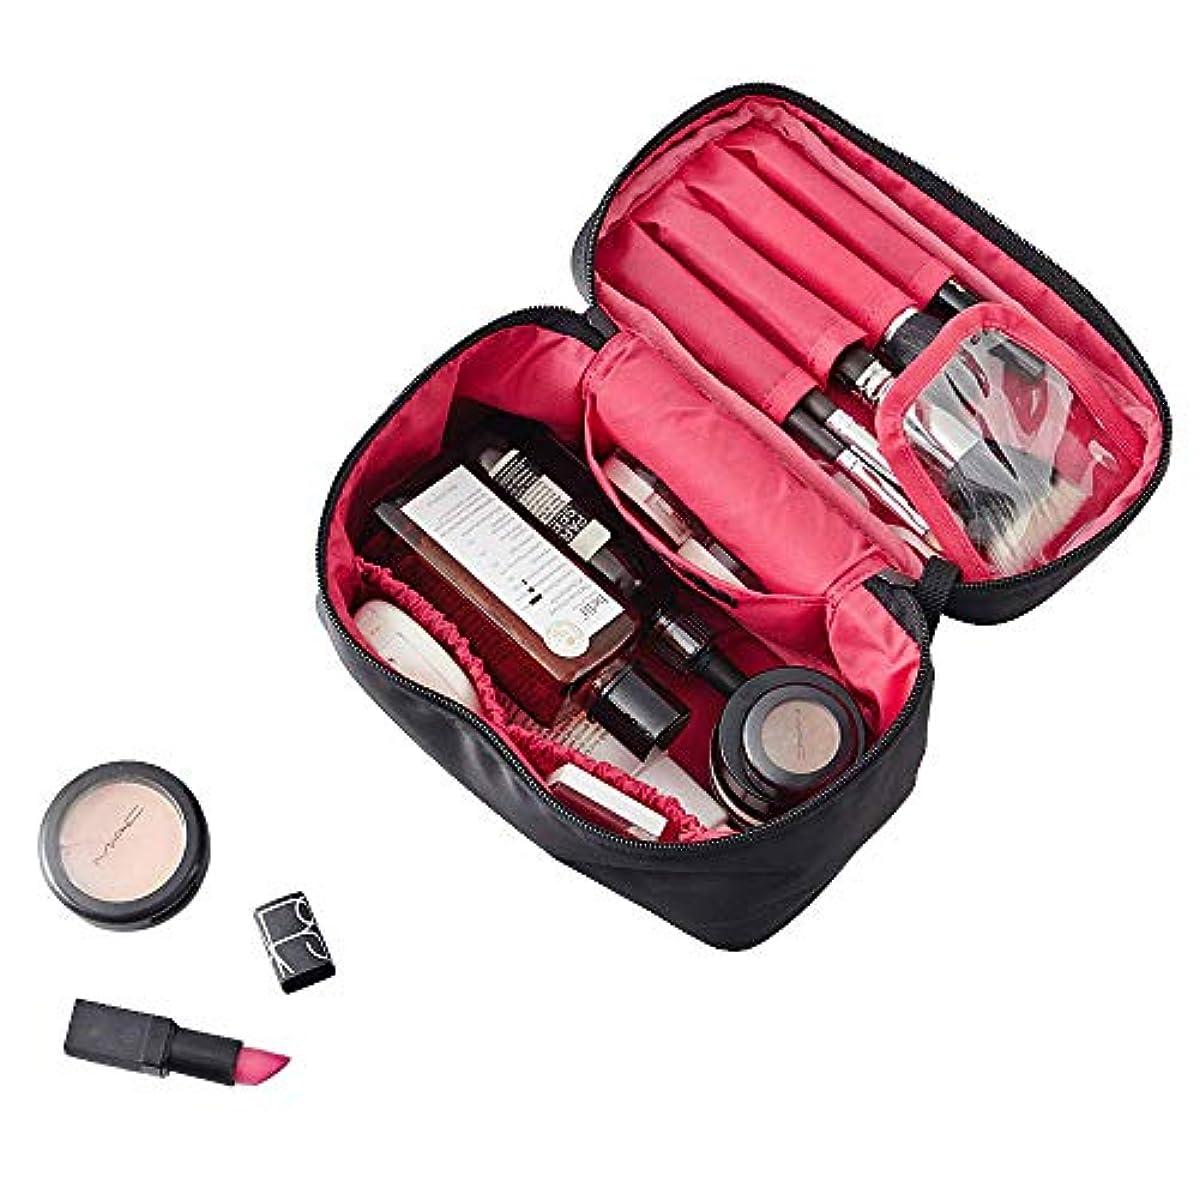 自動化いろいろ傑出したNKTM 化粧ポーチ コスメポーチ メイクポーチ 大容量 バニティポーチ 機能的 小物入れ 化粧道具 旅行 (ブランク)